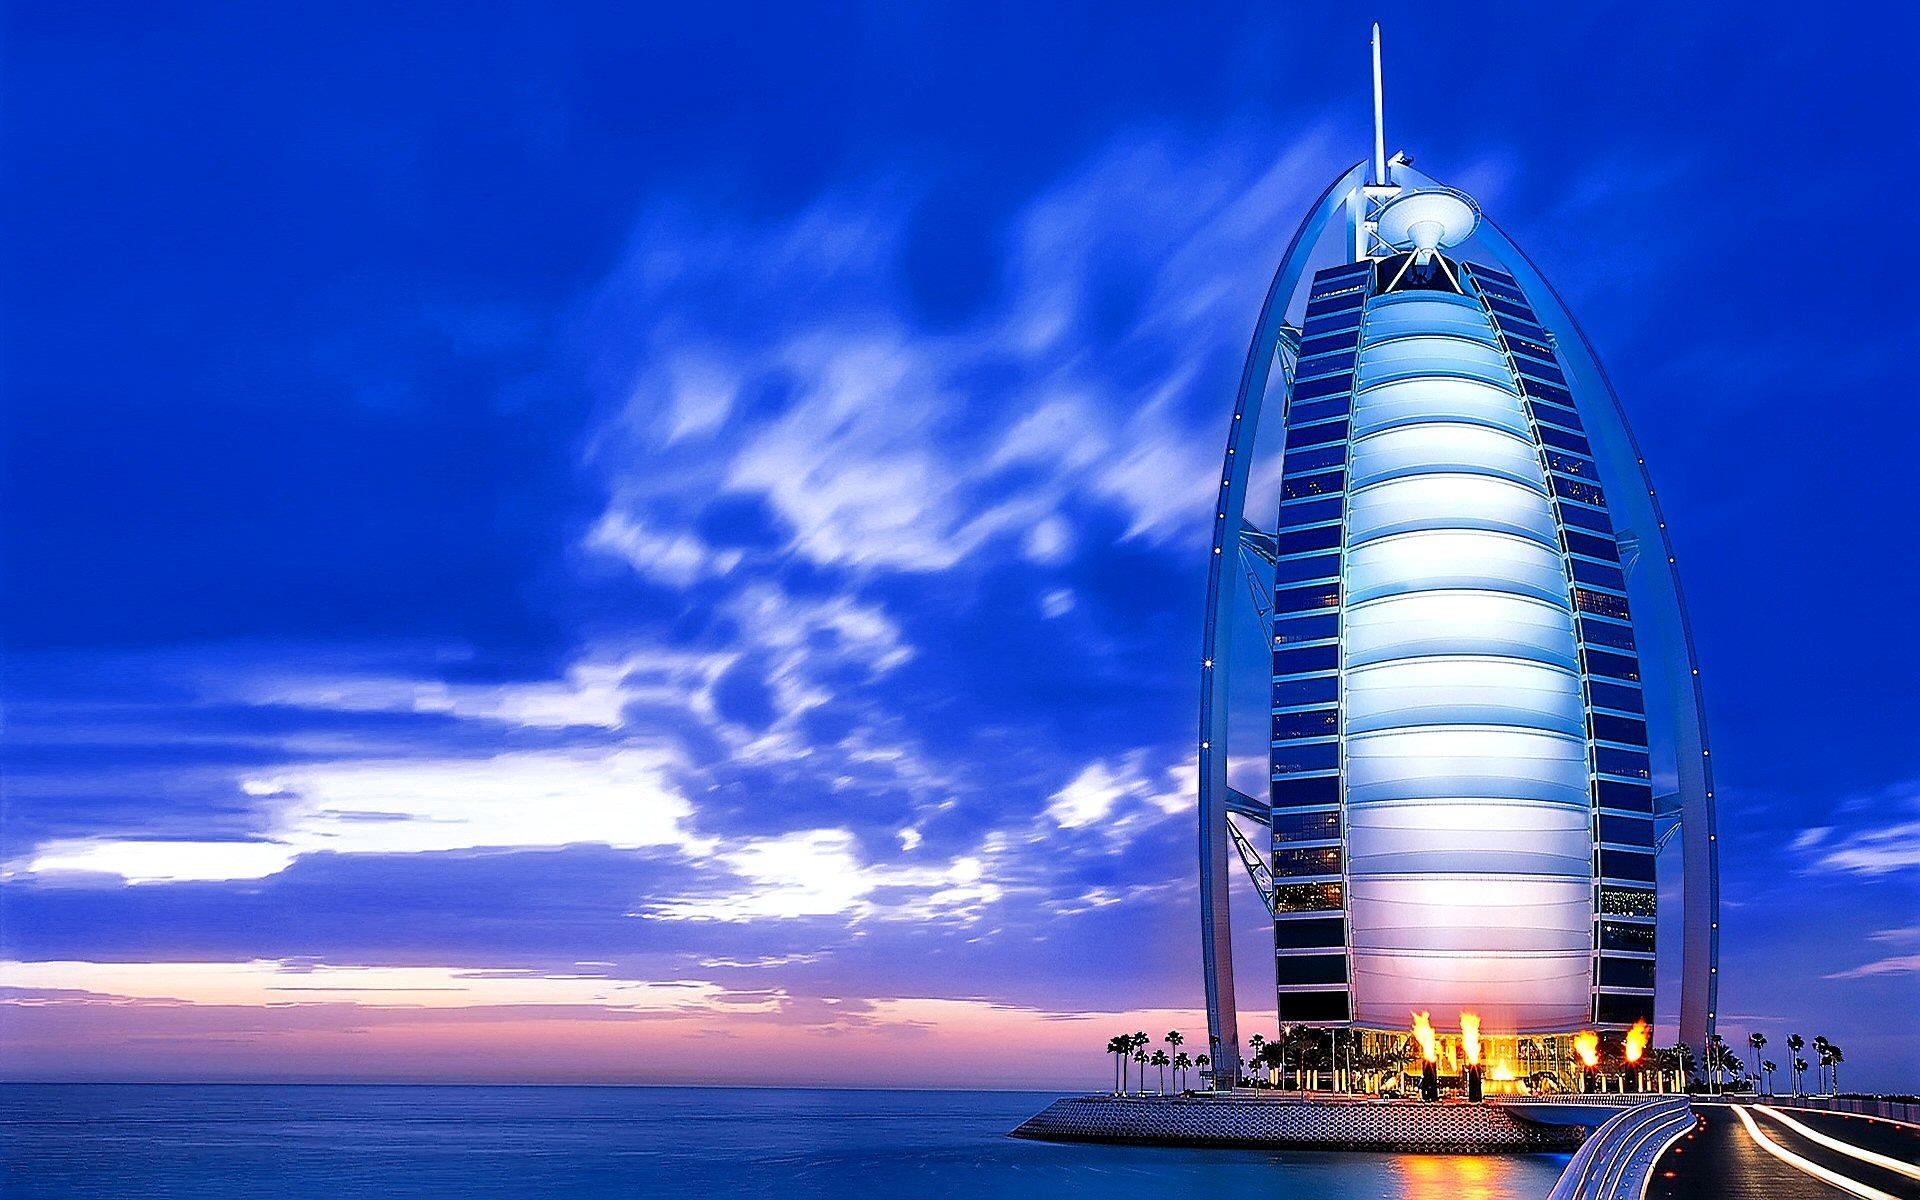 برج العرب burj alarab (3)